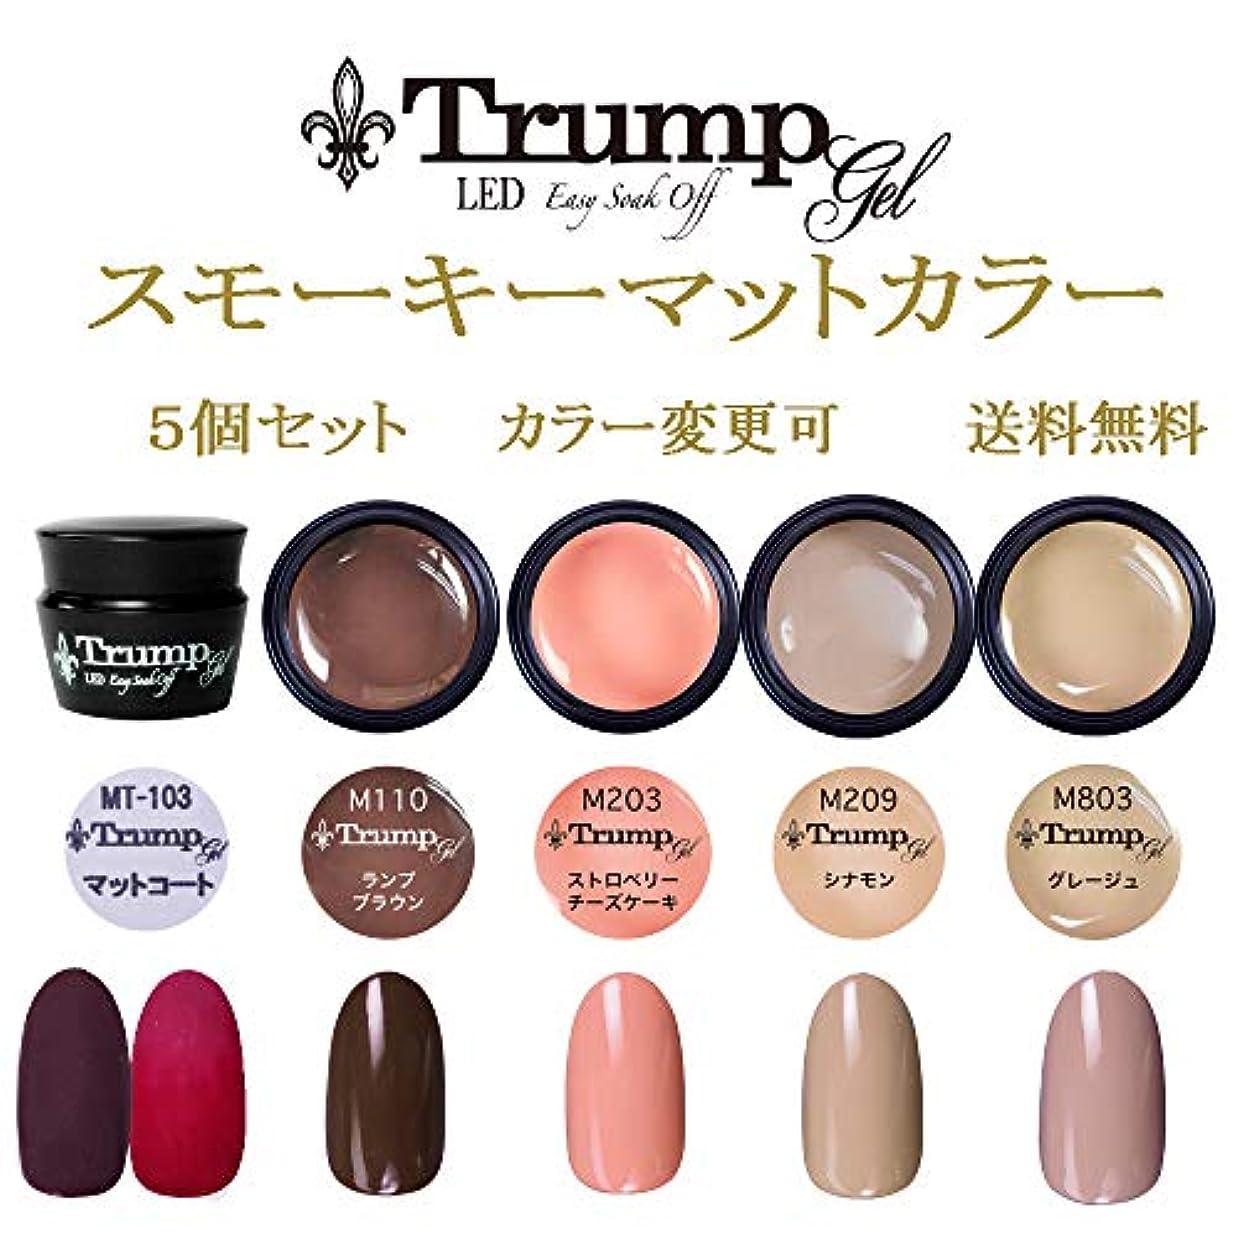 部族落ちた緊張【送料無料】日本製 Trump gel トランプジェル スモーキーマット カラージェル 5個セット 魅惑のフロストマットトップとマットに合う人気カラーをチョイス